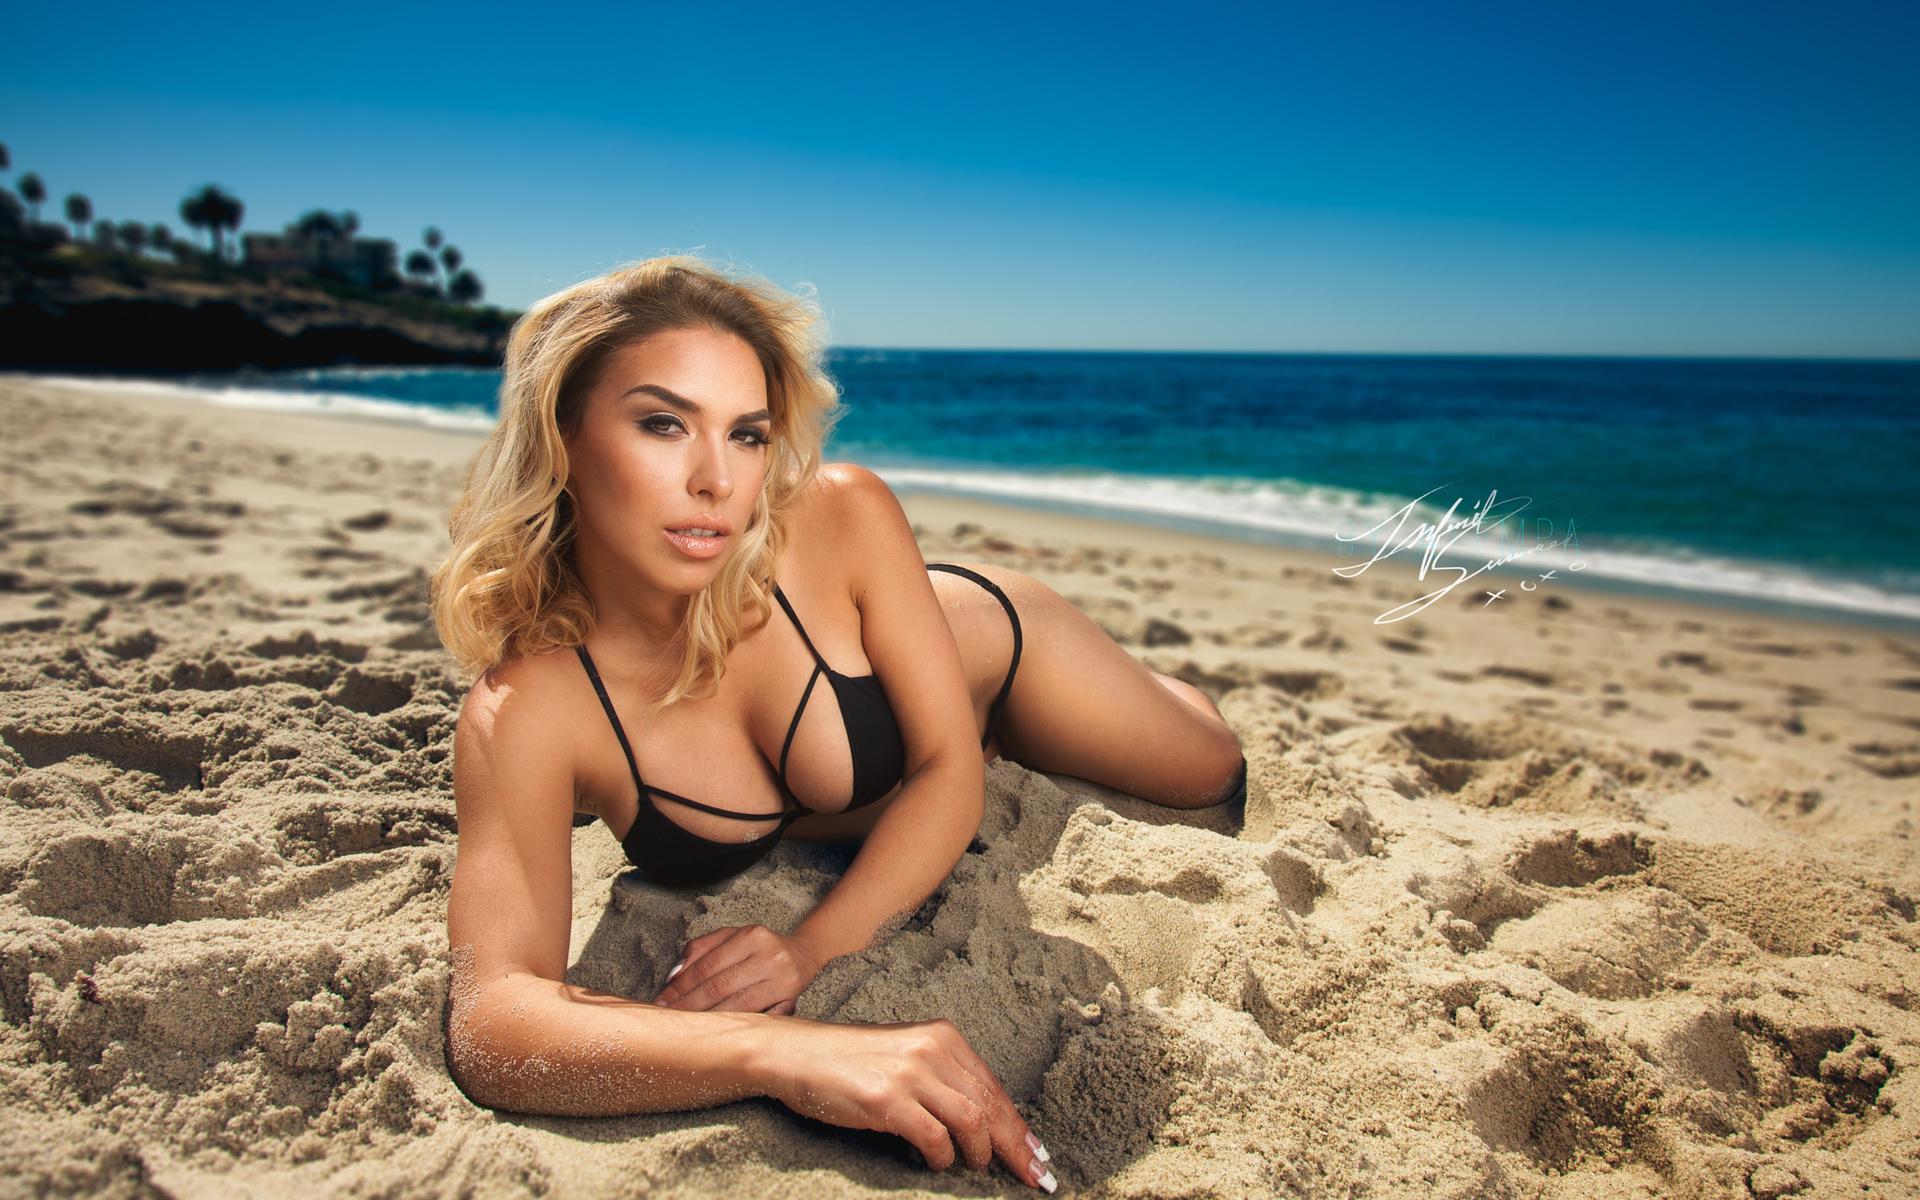 красивые русские девушки на пляже черного моря